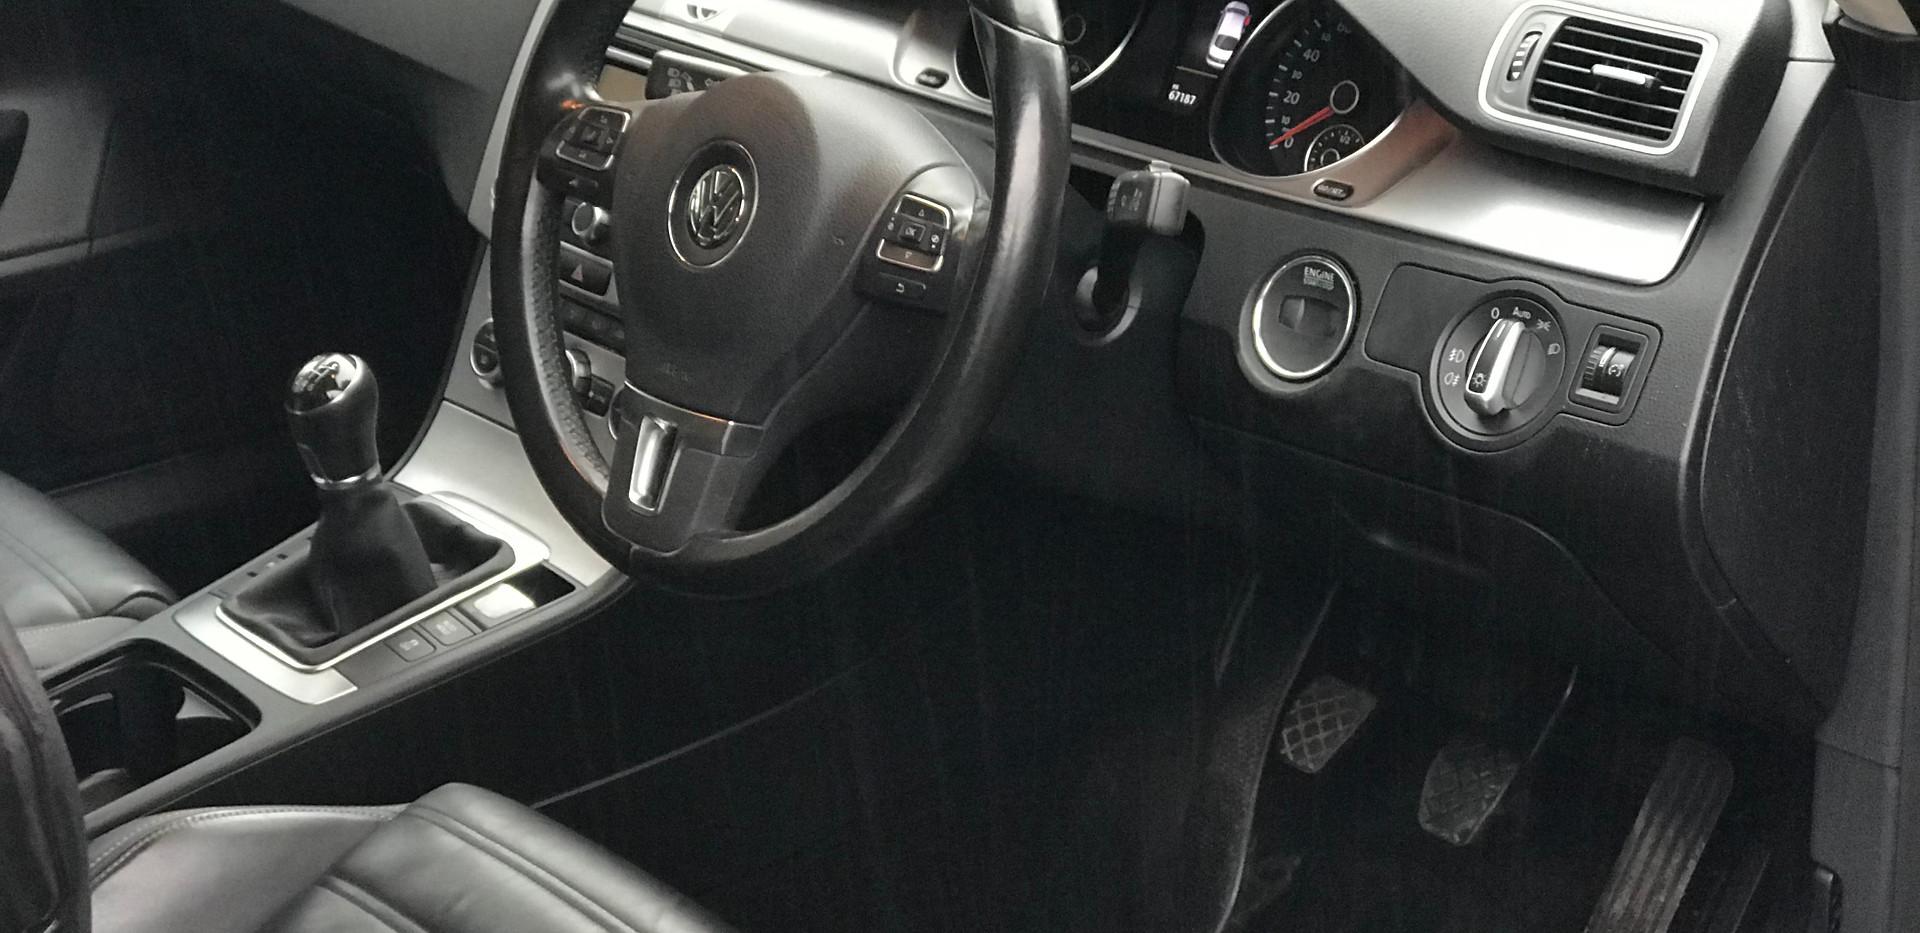 VW Passat CC | Sourced by Theauctionbuyer.com